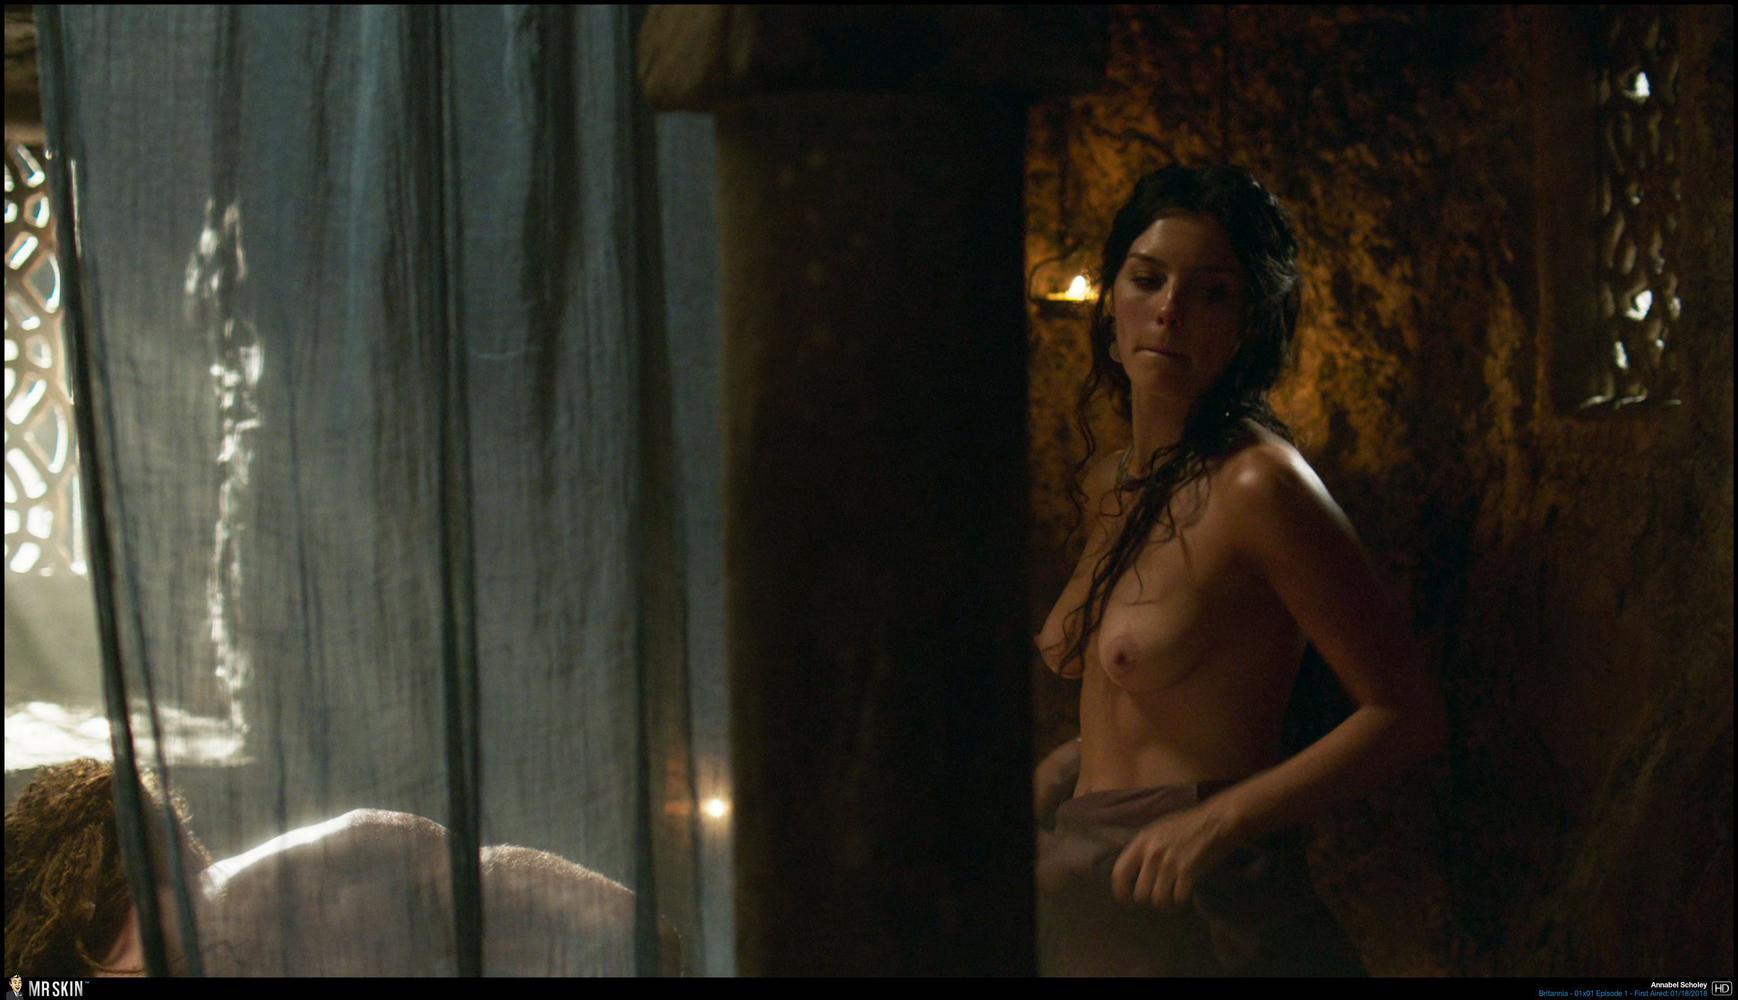 Nude biritania photo, oral porno billeder